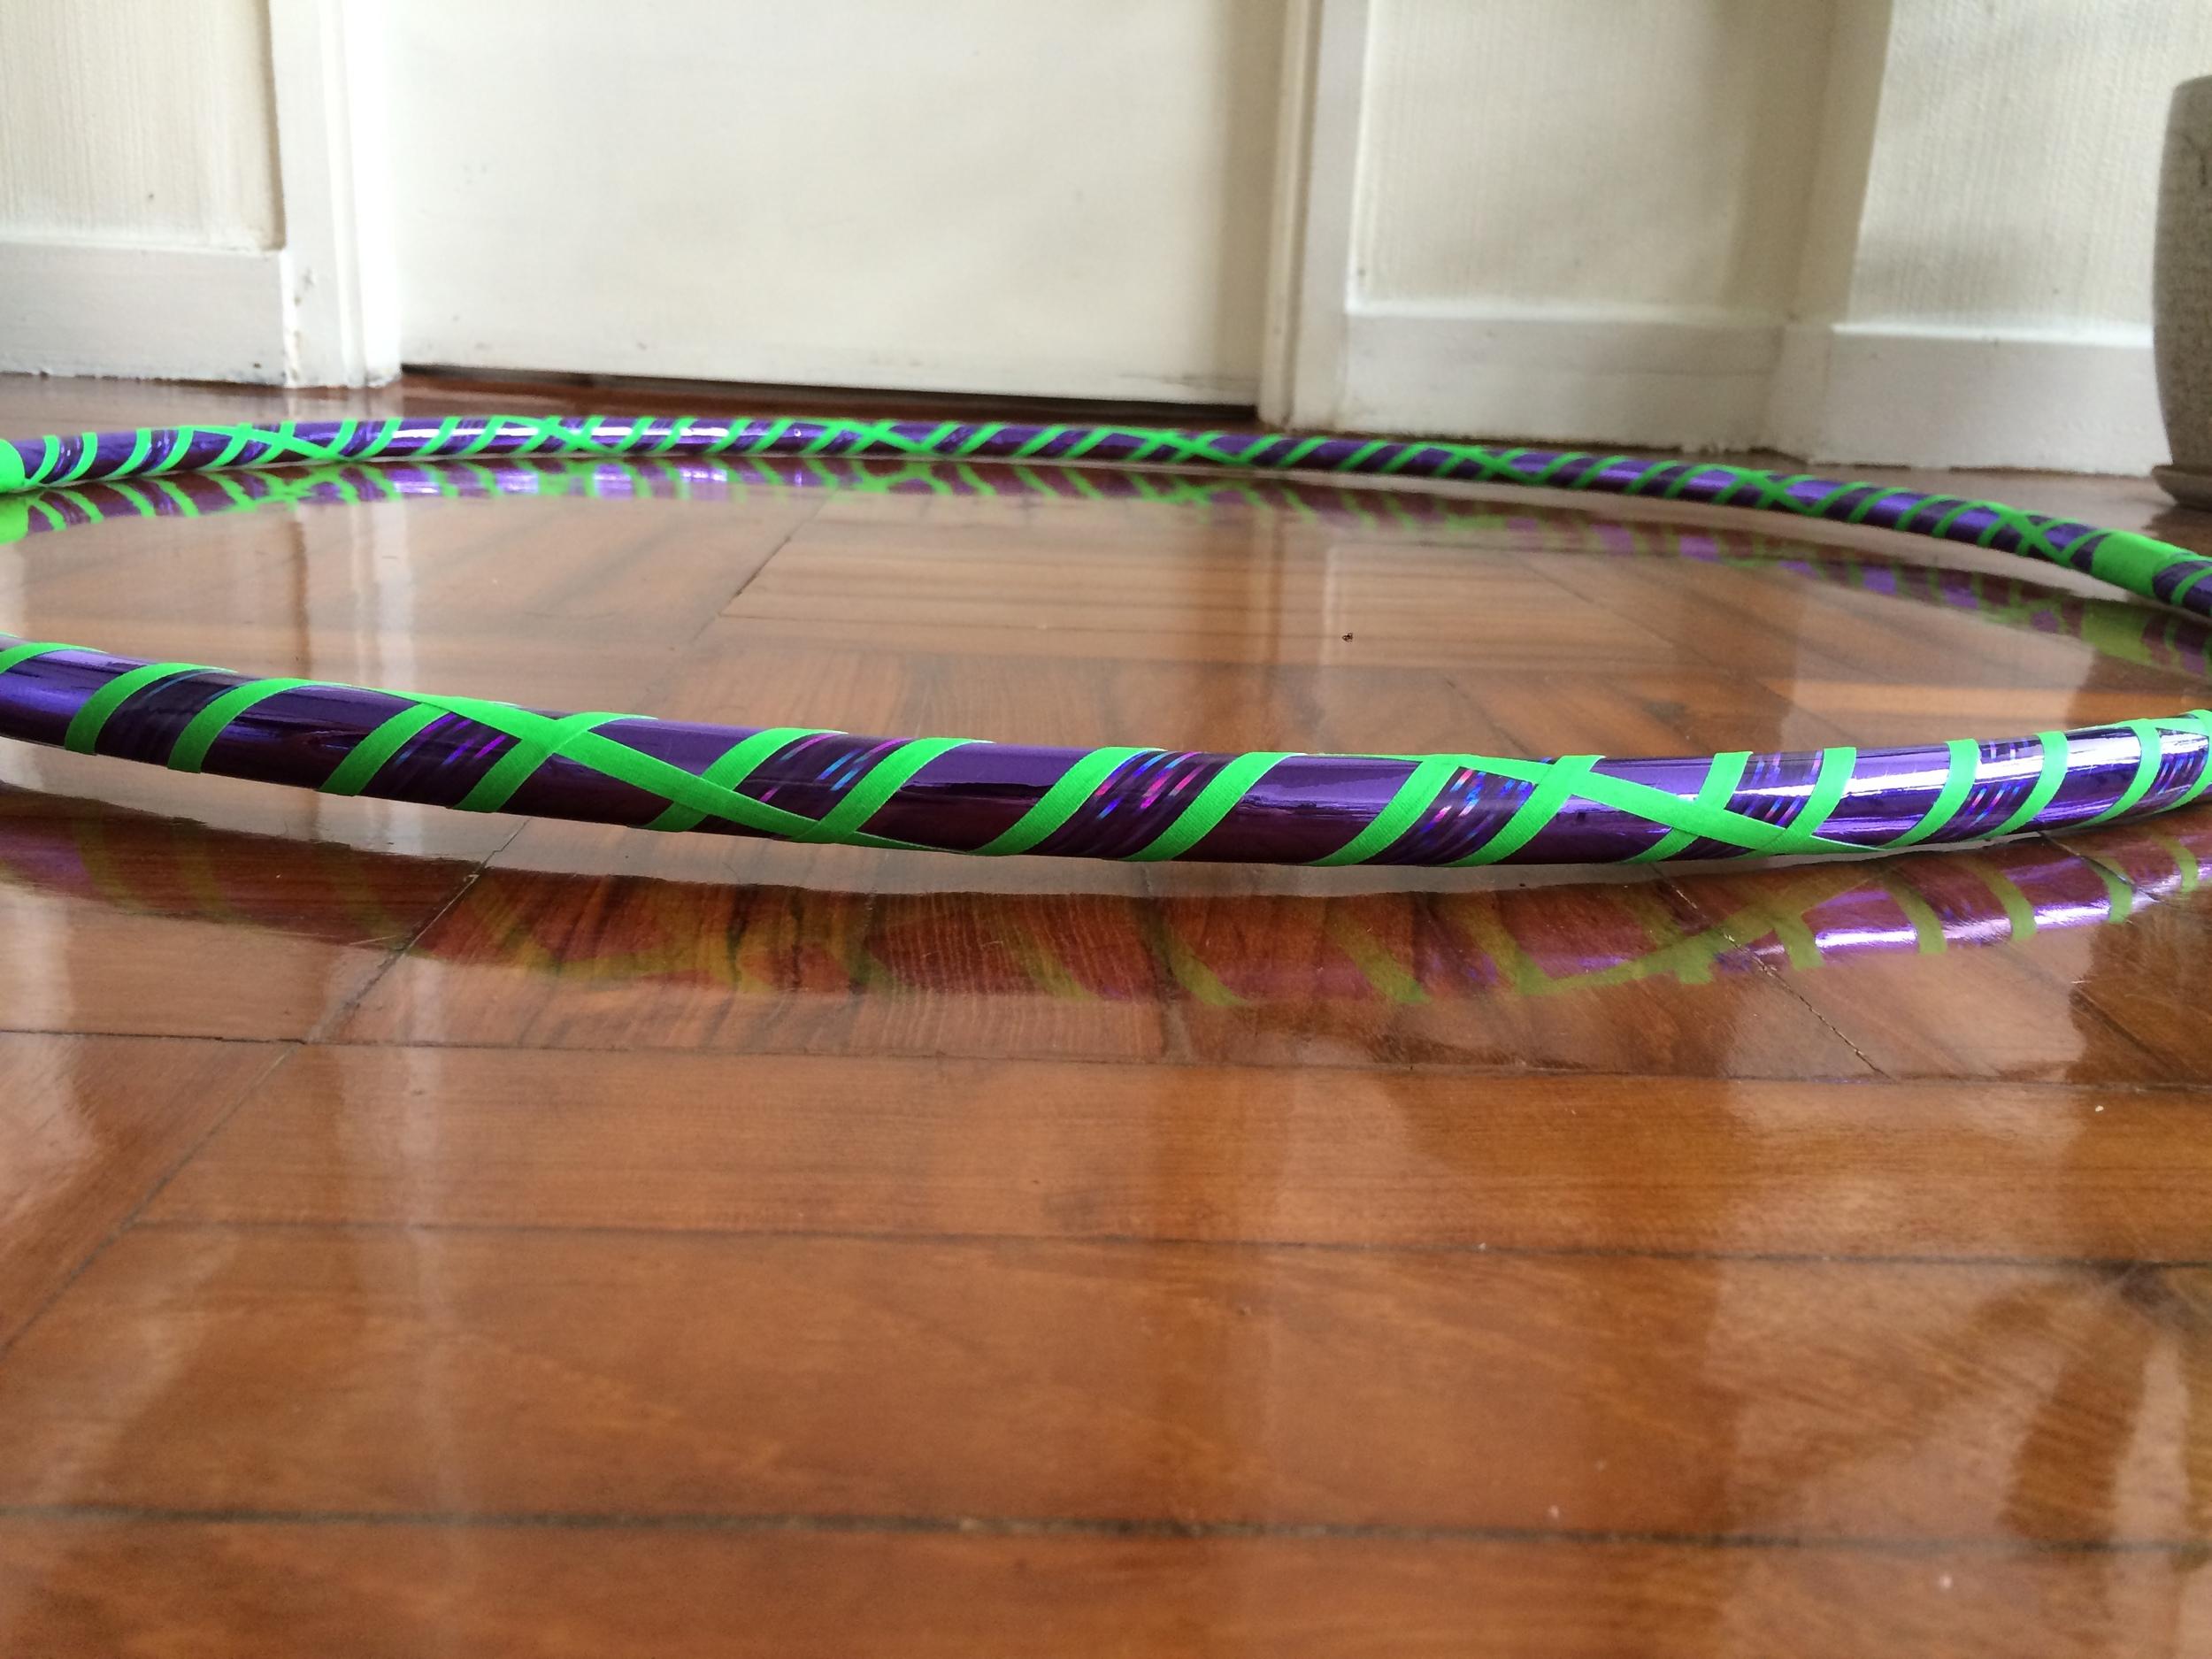 buy a hula hoop hong kong